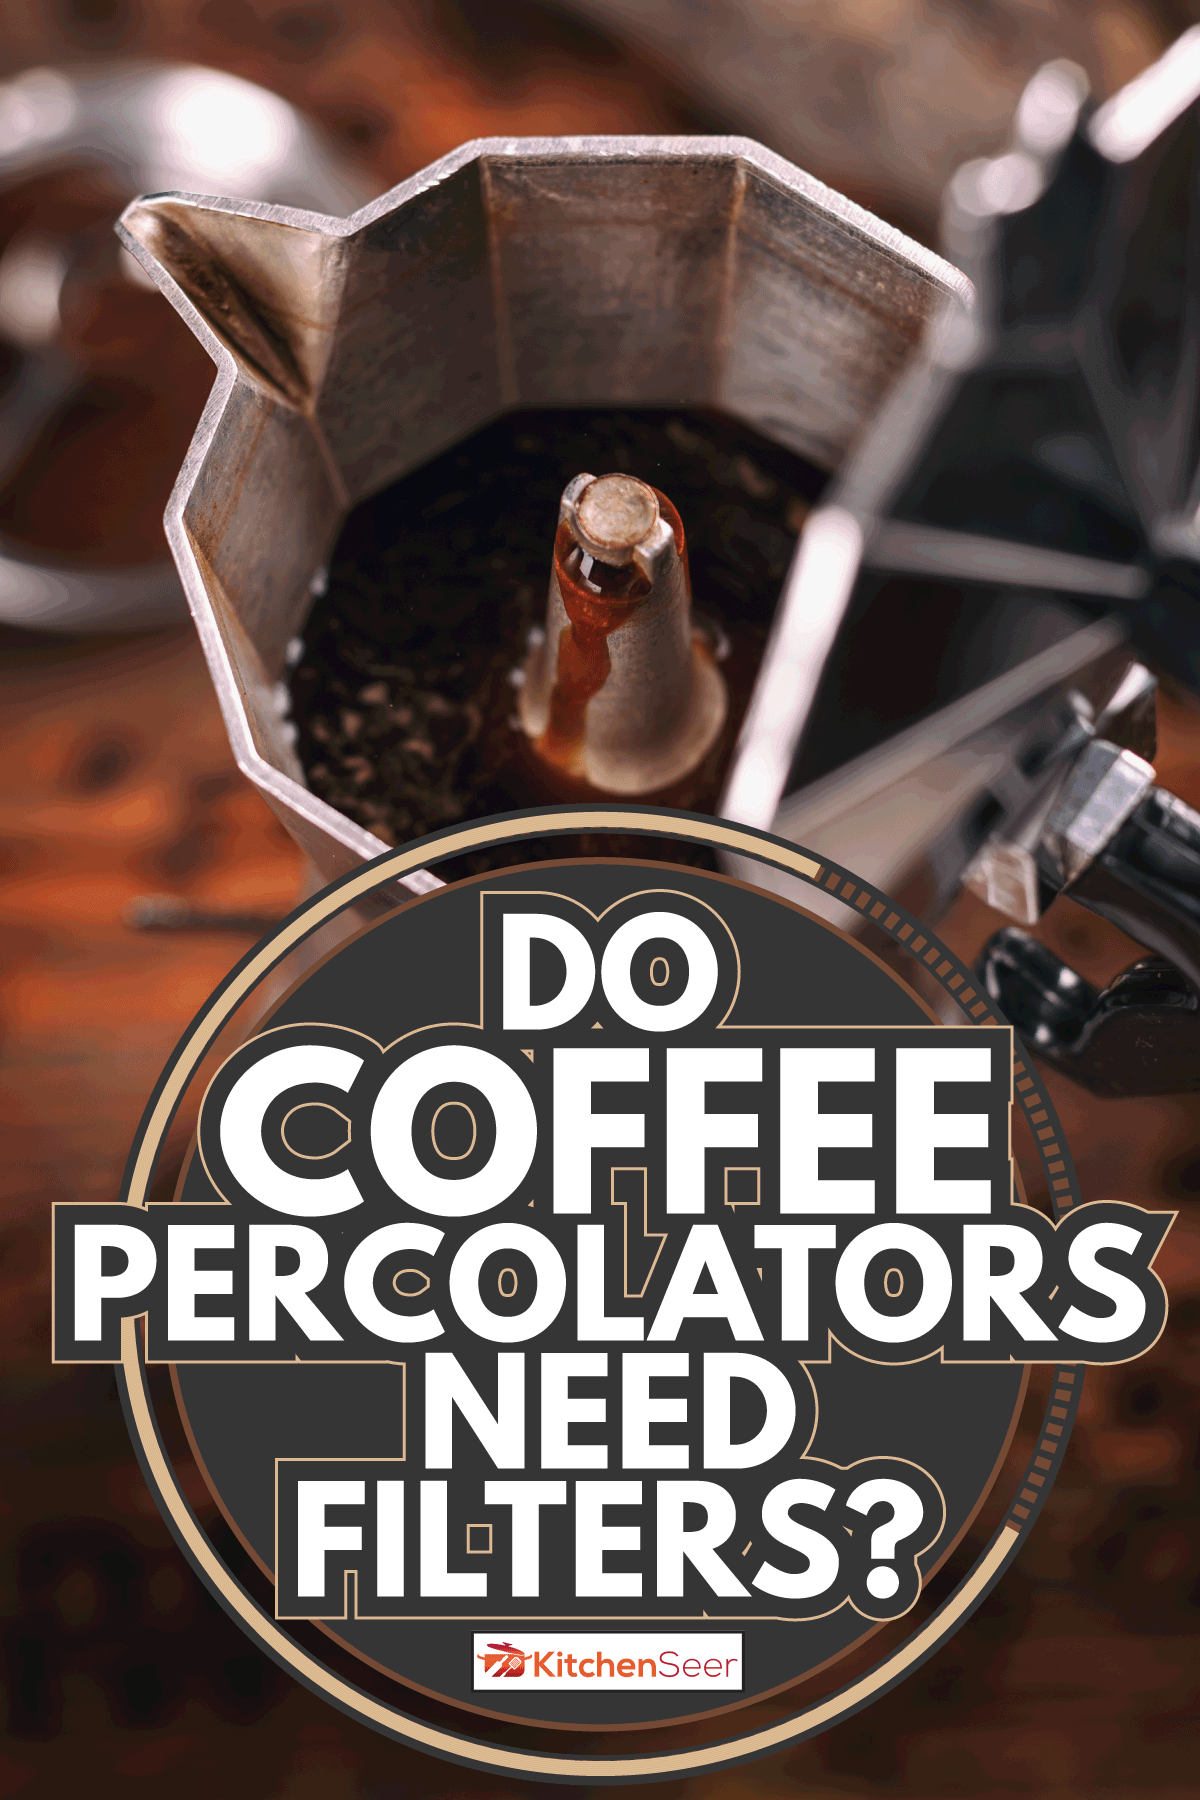 Percolated espresso coffee, dark roast coffee. Do Coffee Percolators Need Filters